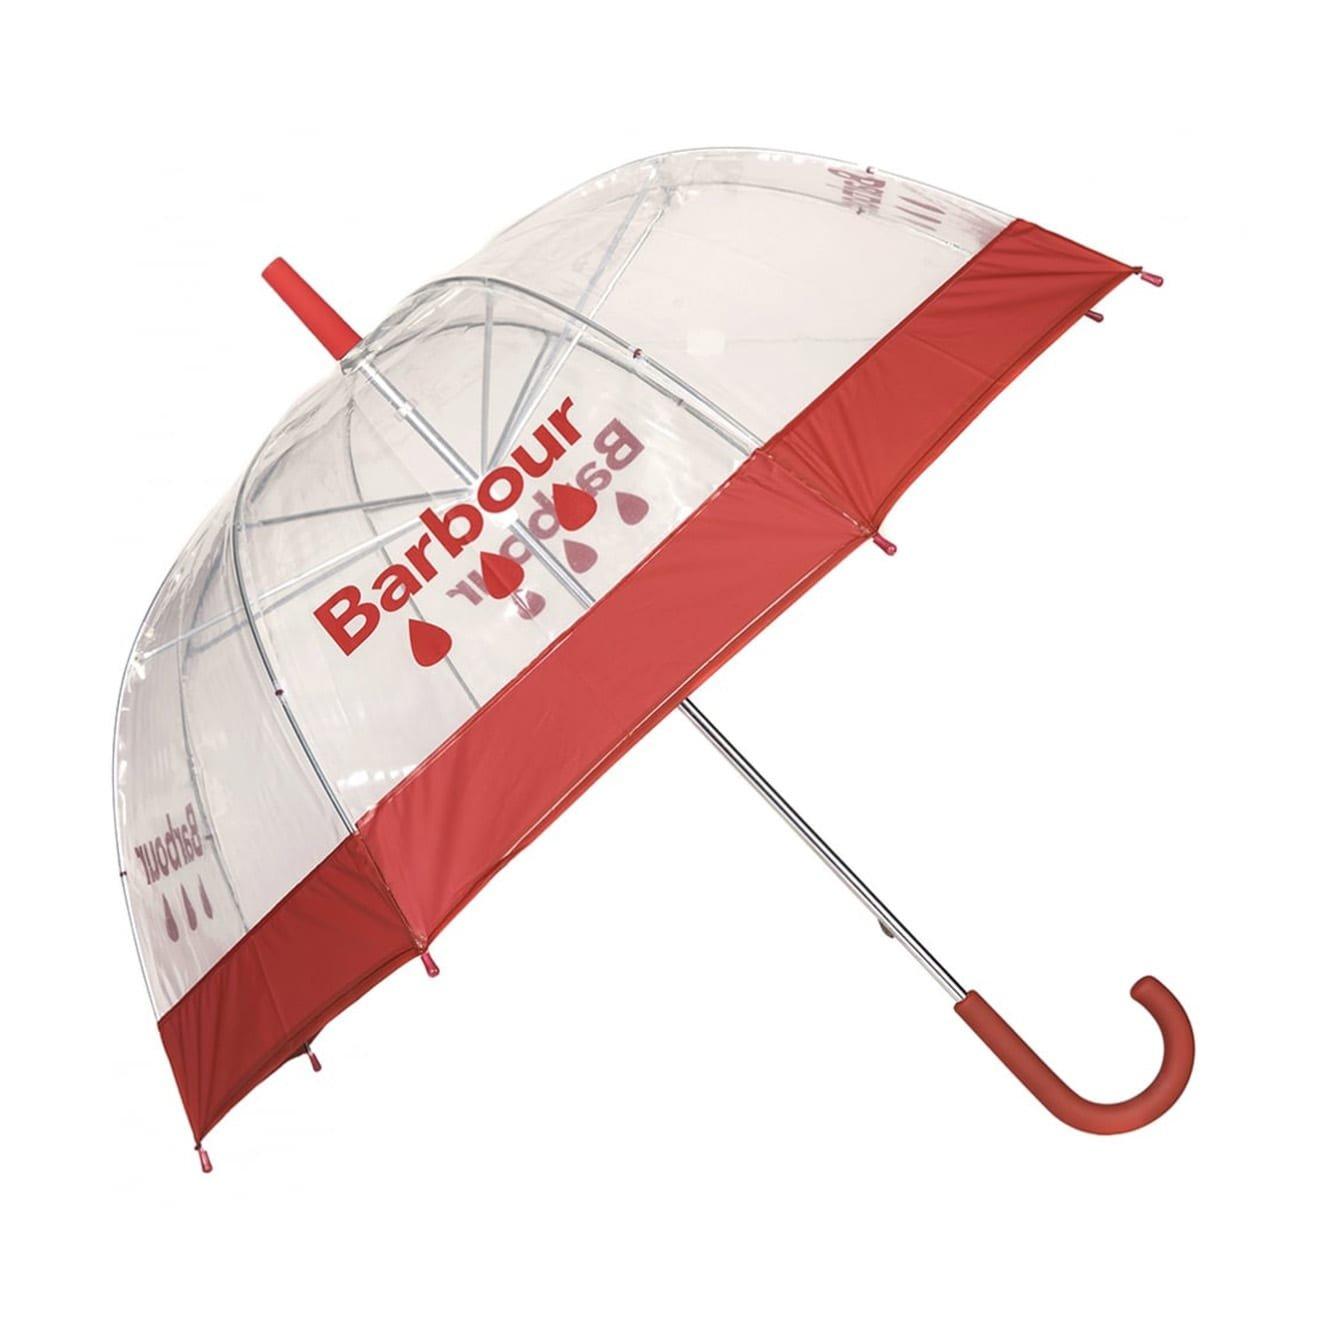 Barbour Raindrop Umbrella